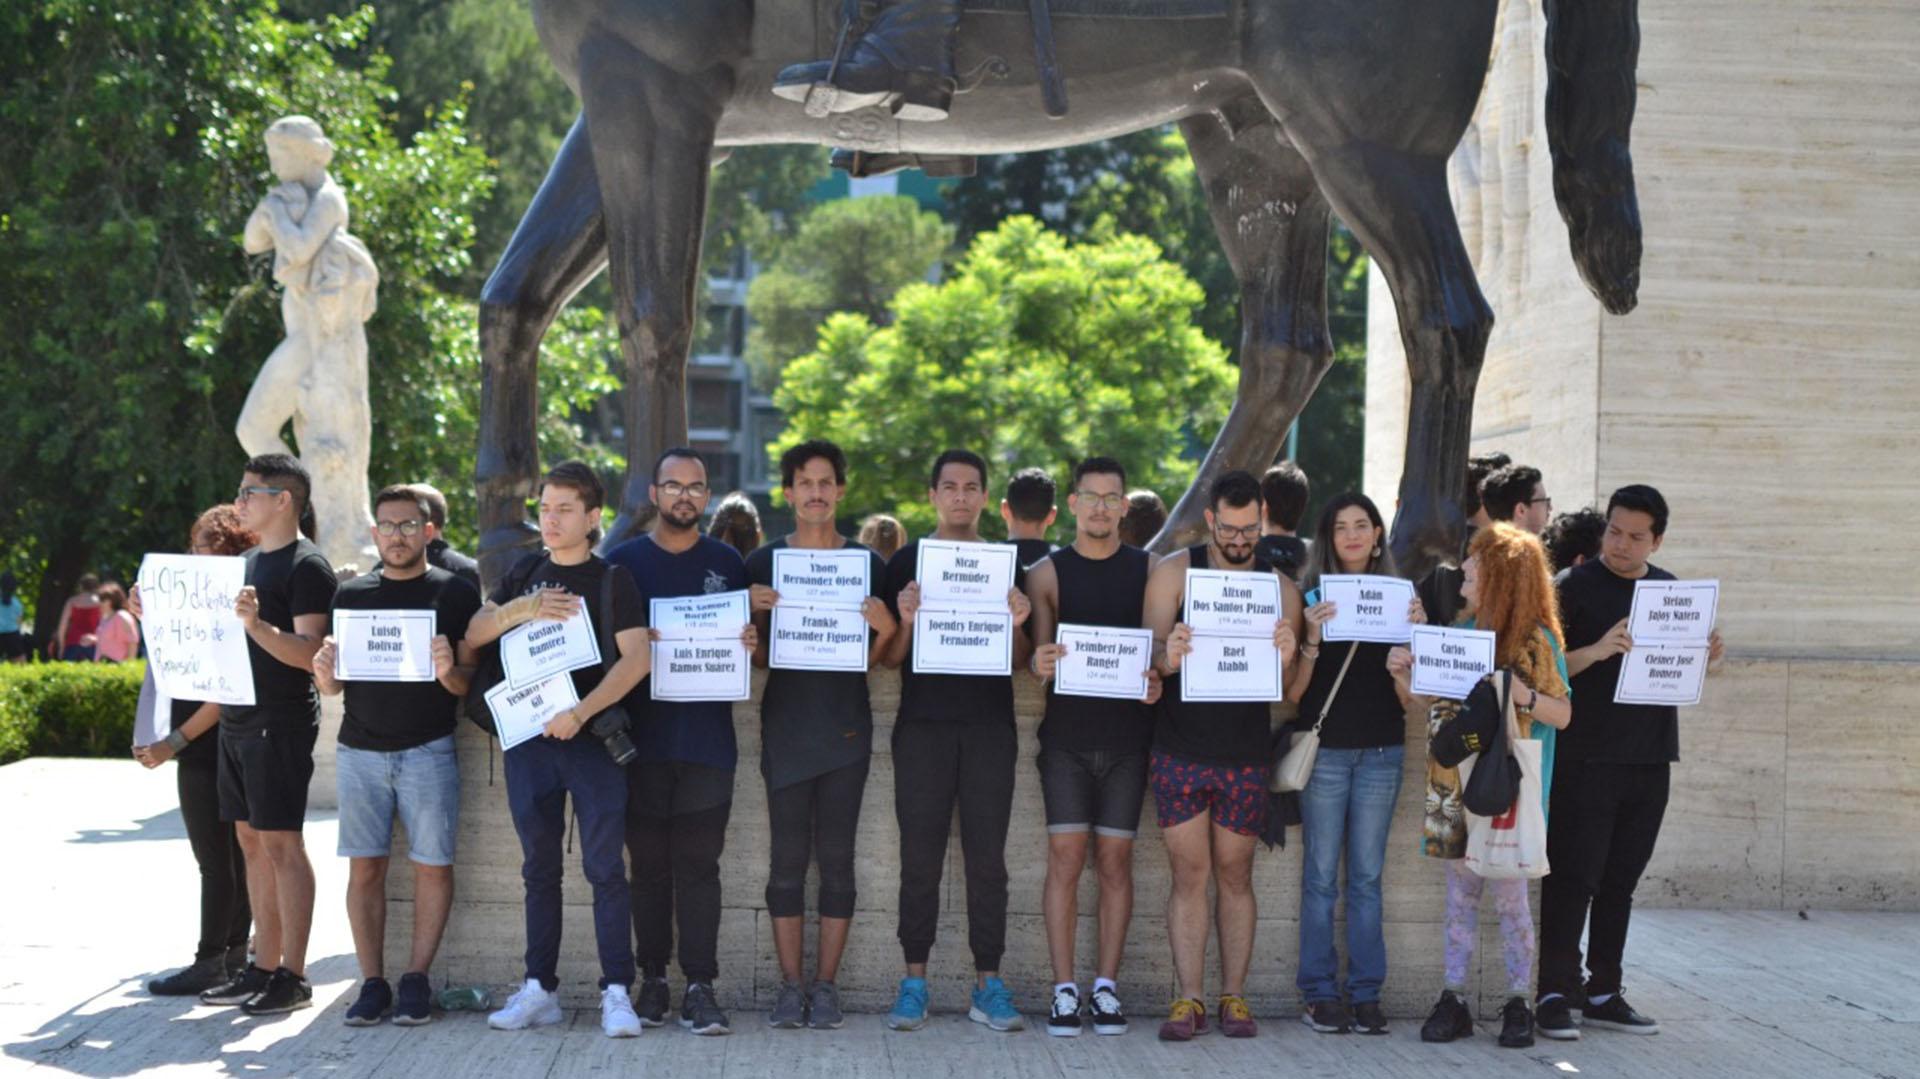 En sus pancartas llevaron los nombres de los 29 muertos por represión